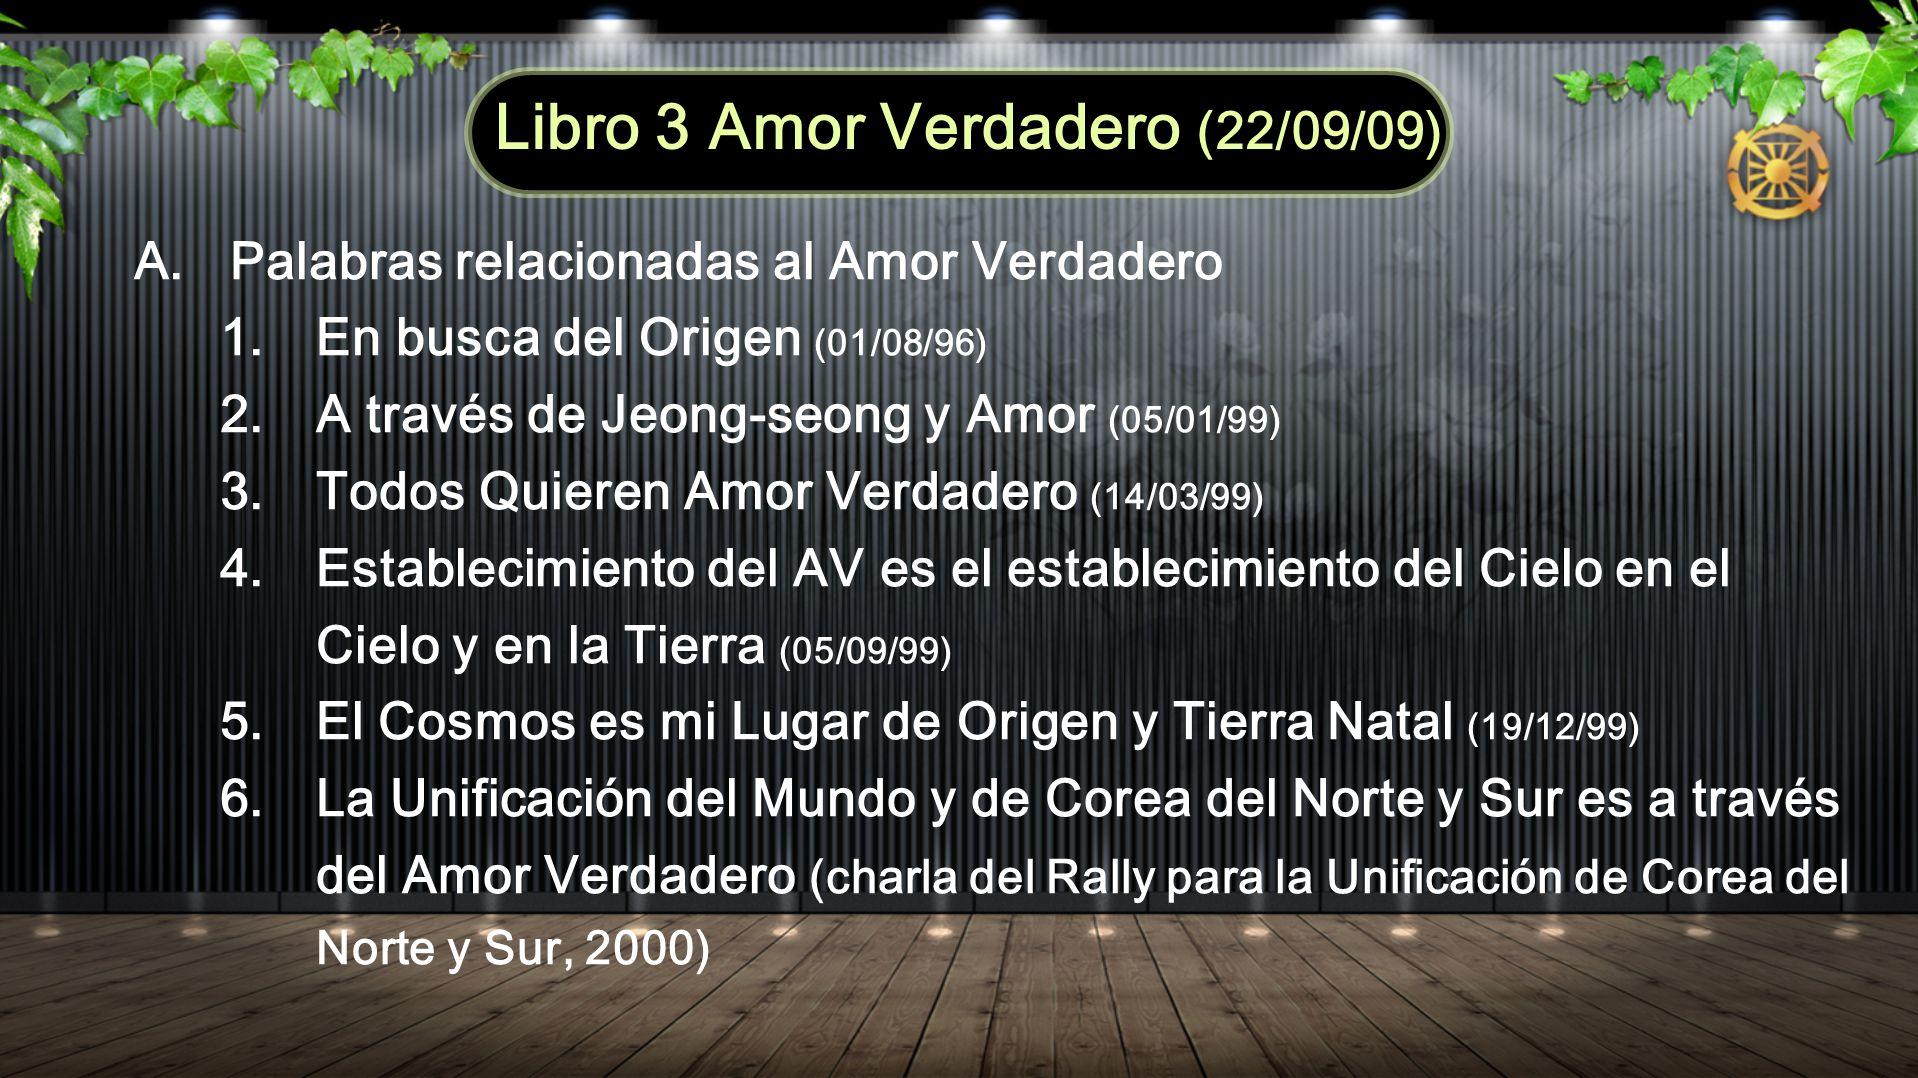 A. Palabras relacionadas al Amor Verdadero 1. En busca del Origen (01/08/96) 2. A través de Jeong-seong y Amor (05/01/99) 3. Todos Quieren Amor Verdad